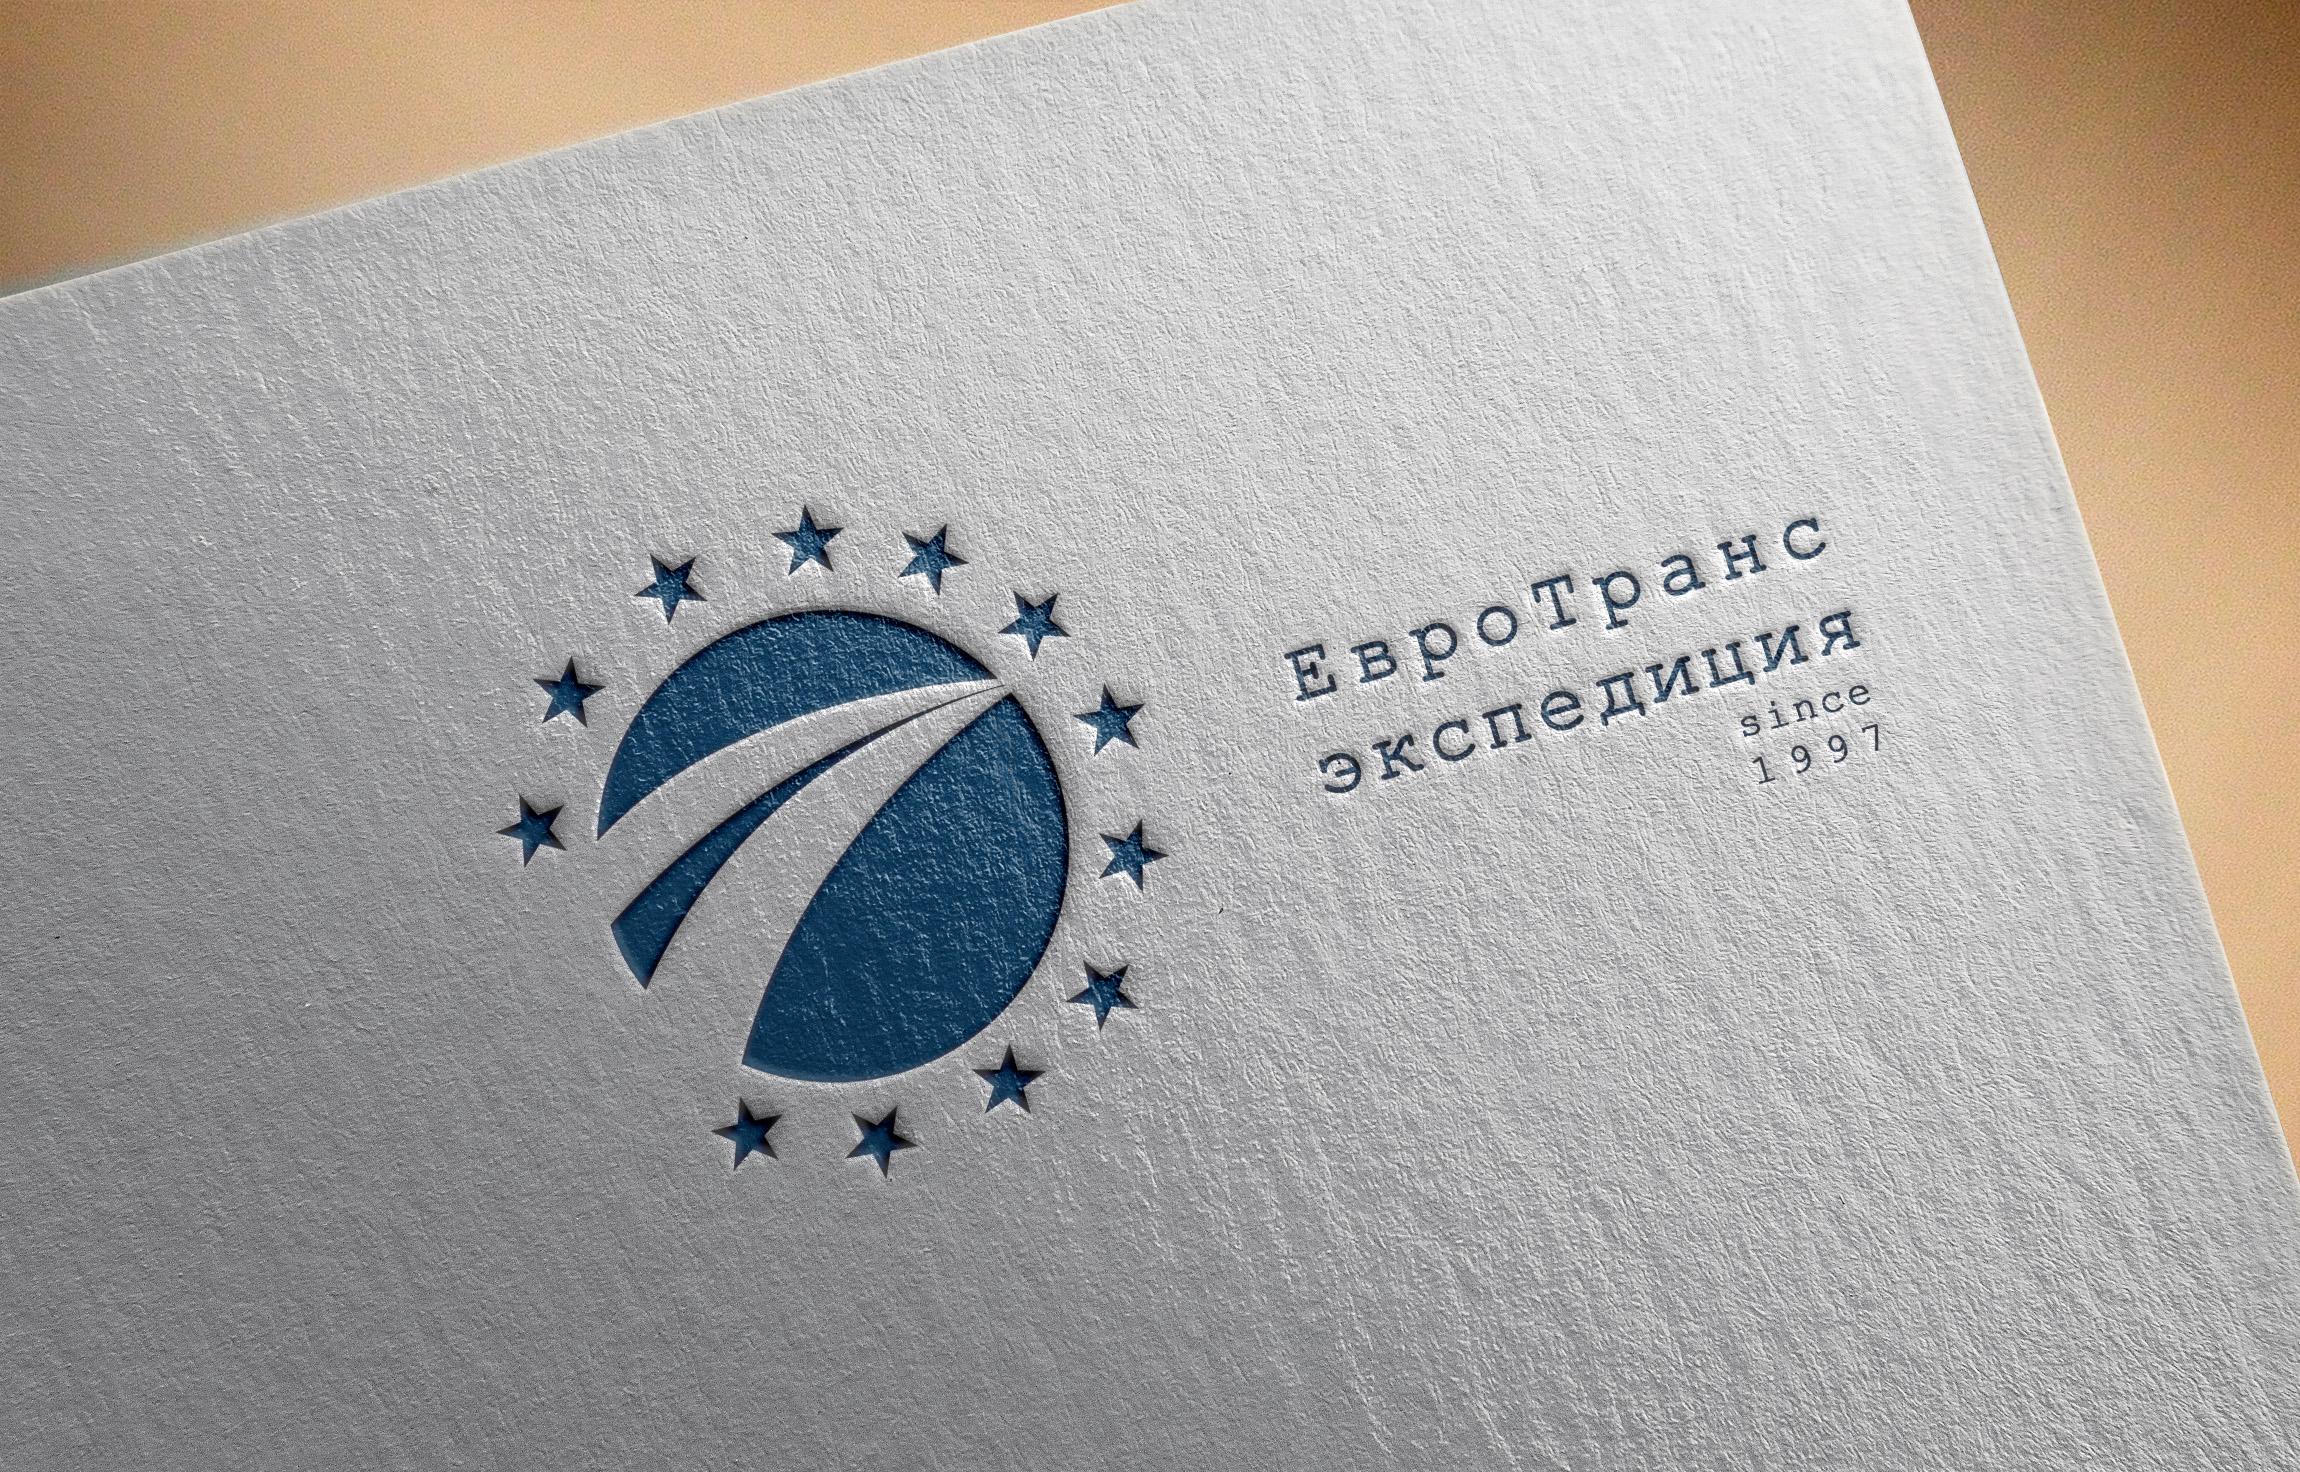 Предложите эволюцию логотипа экспедиторской компании  фото f_698590272da7e4b7.jpg